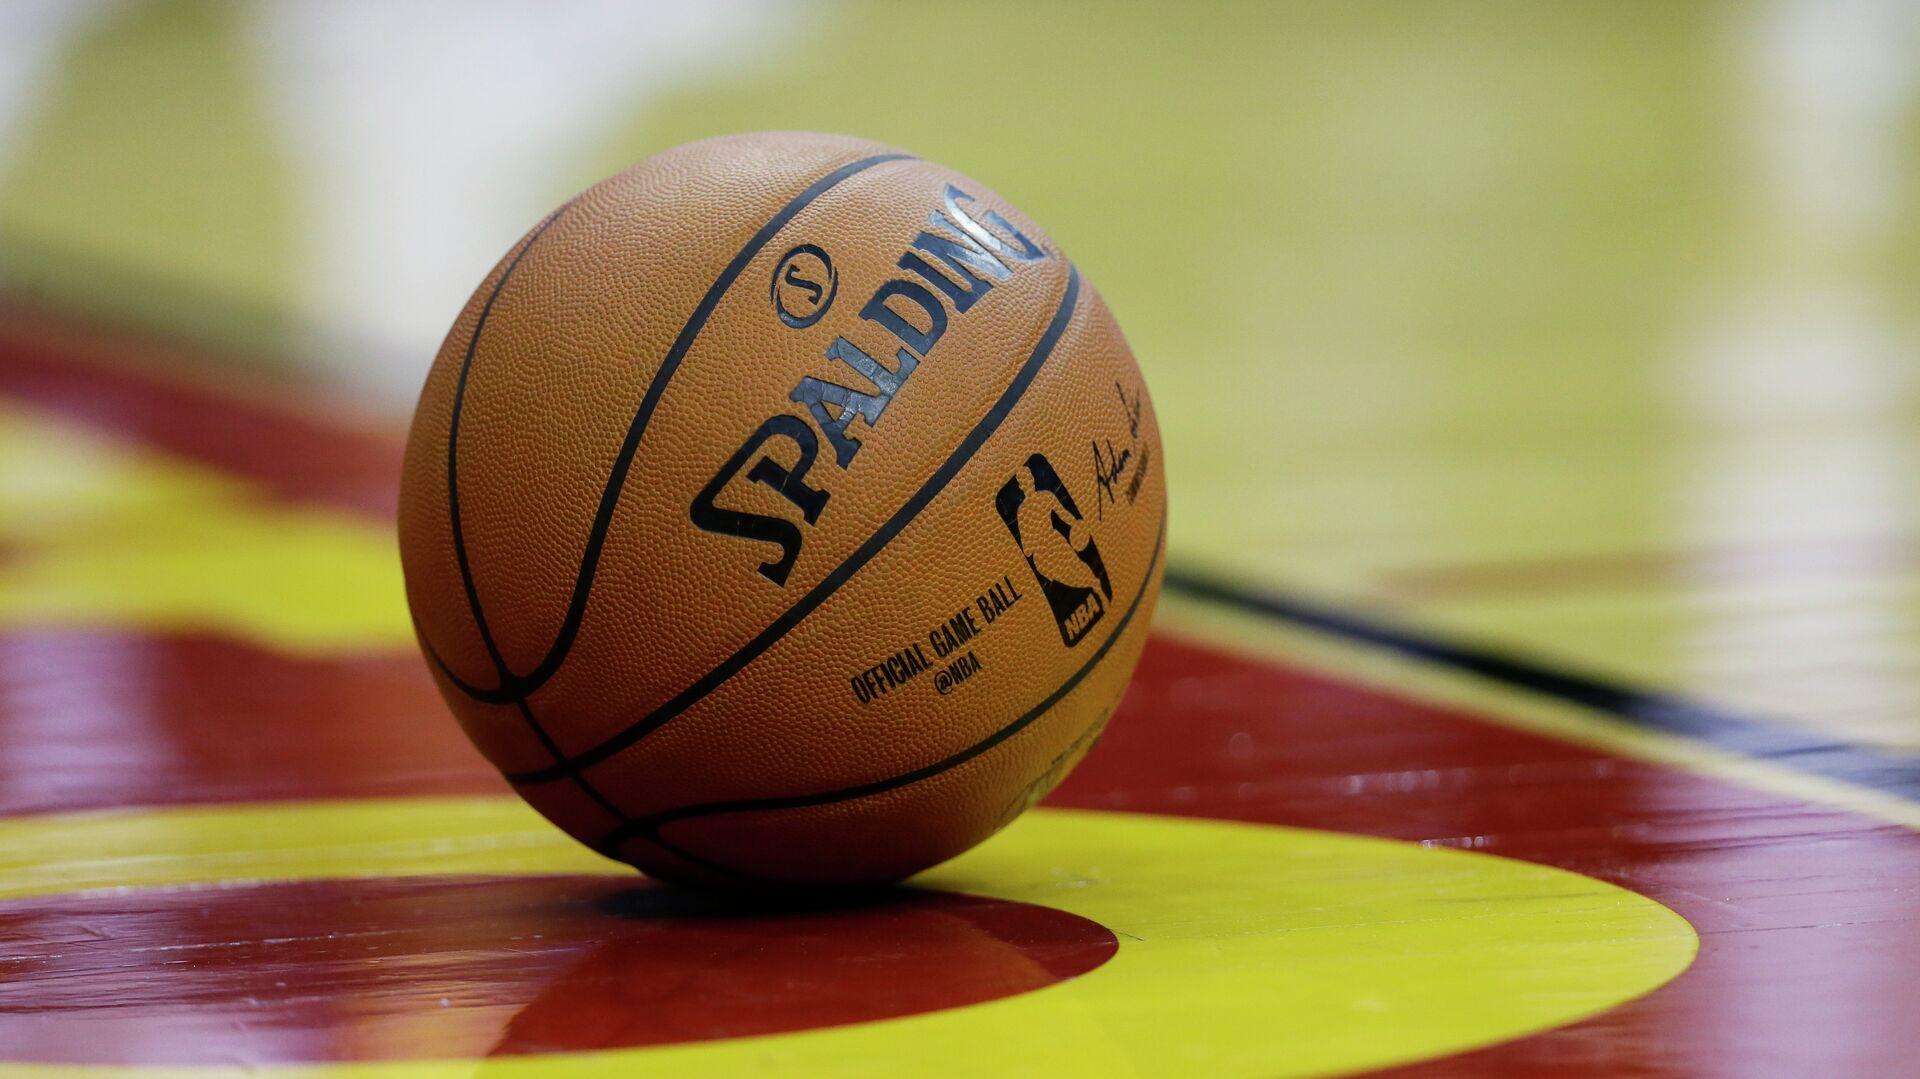 Баскетбольный мяч НБА - РИА Новости, 1920, 24.05.2021